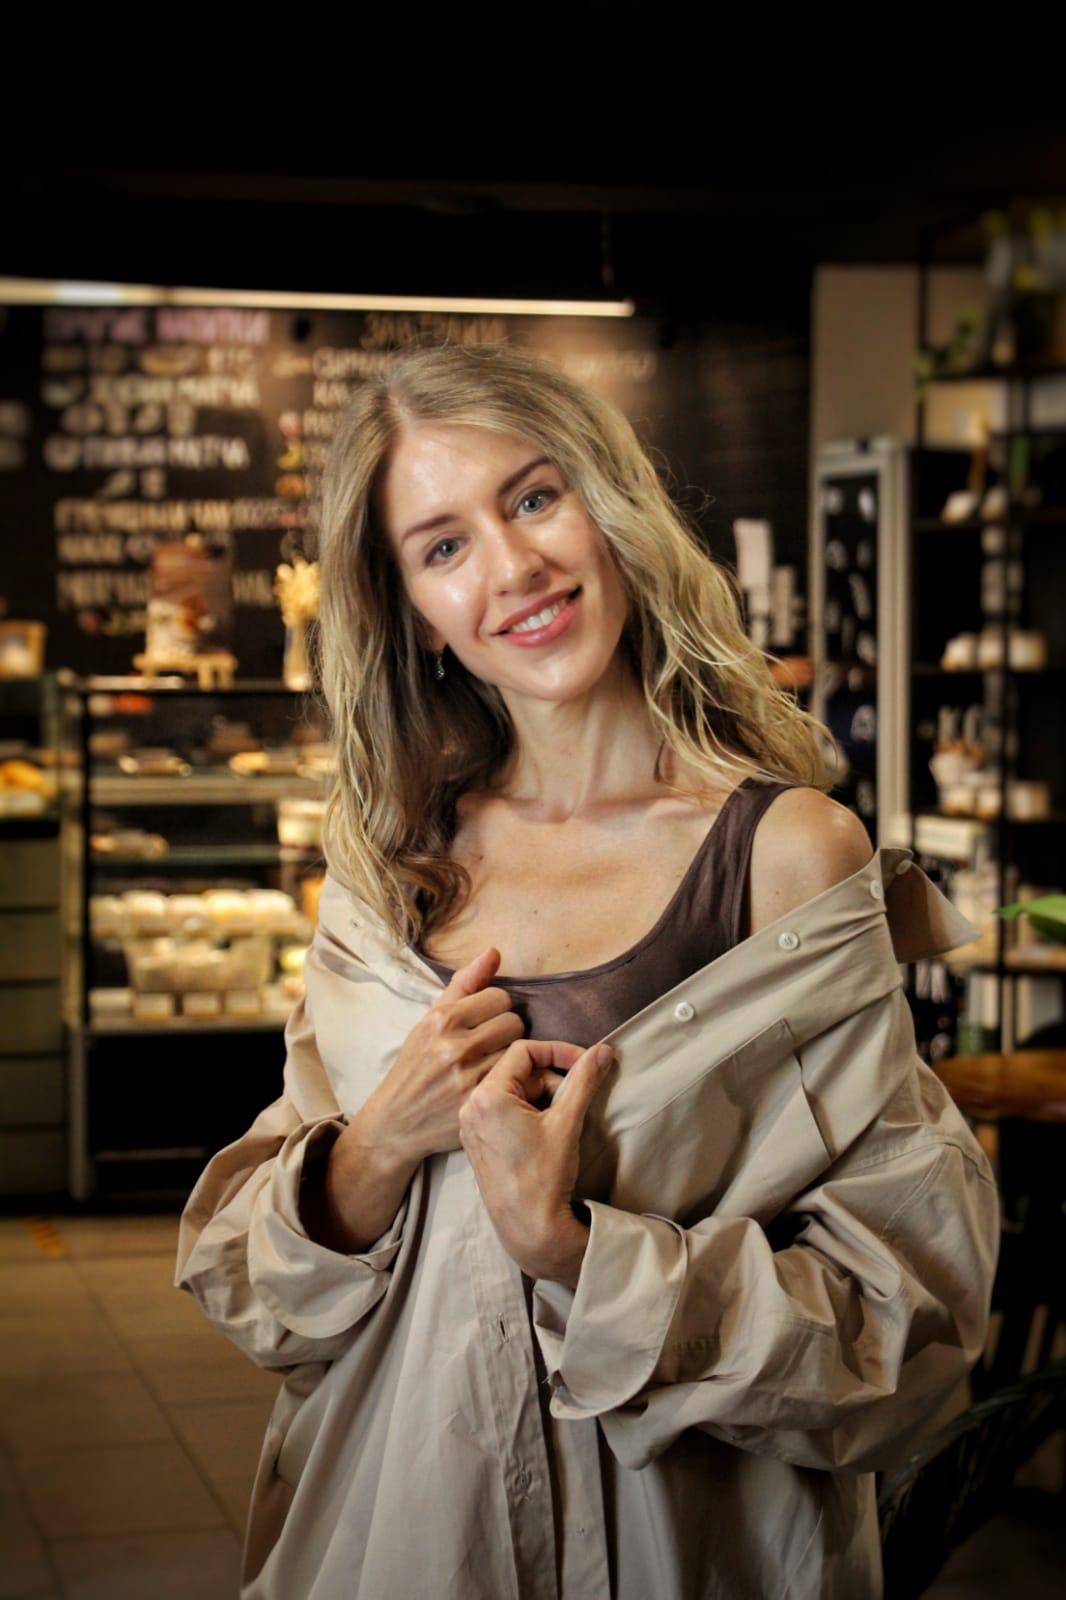 Agence matrimoniale rencontre de Liudmila belle femme célibataire de 38 ans, Châtillon.